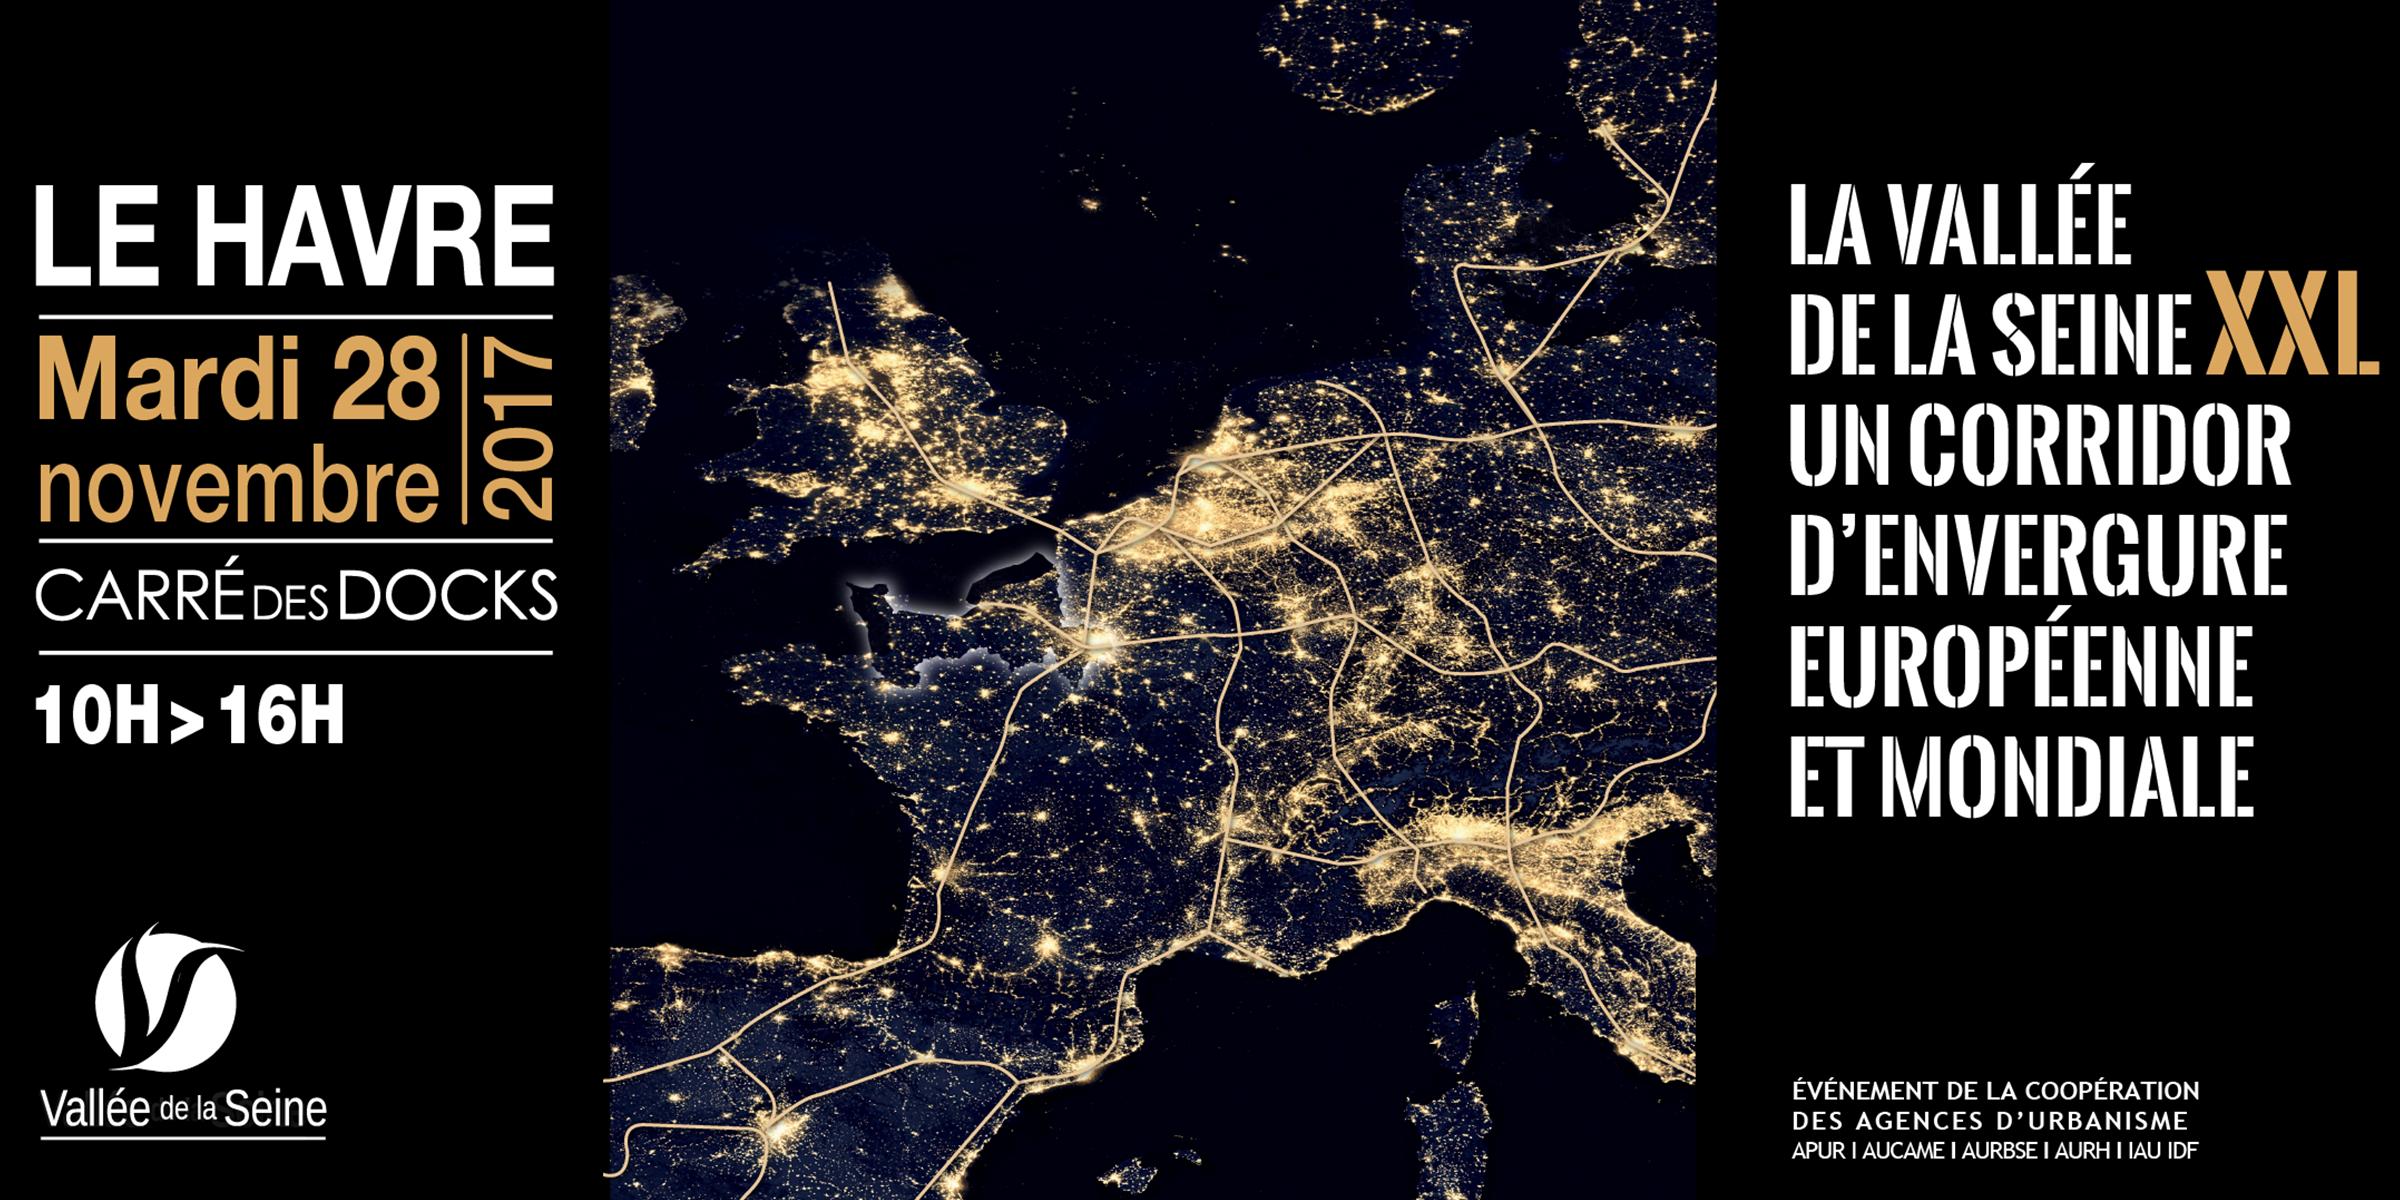 La Vallée de la Seine XXL, quel positionnement à l'échelle mondiale, européenne et inter-régionale ?